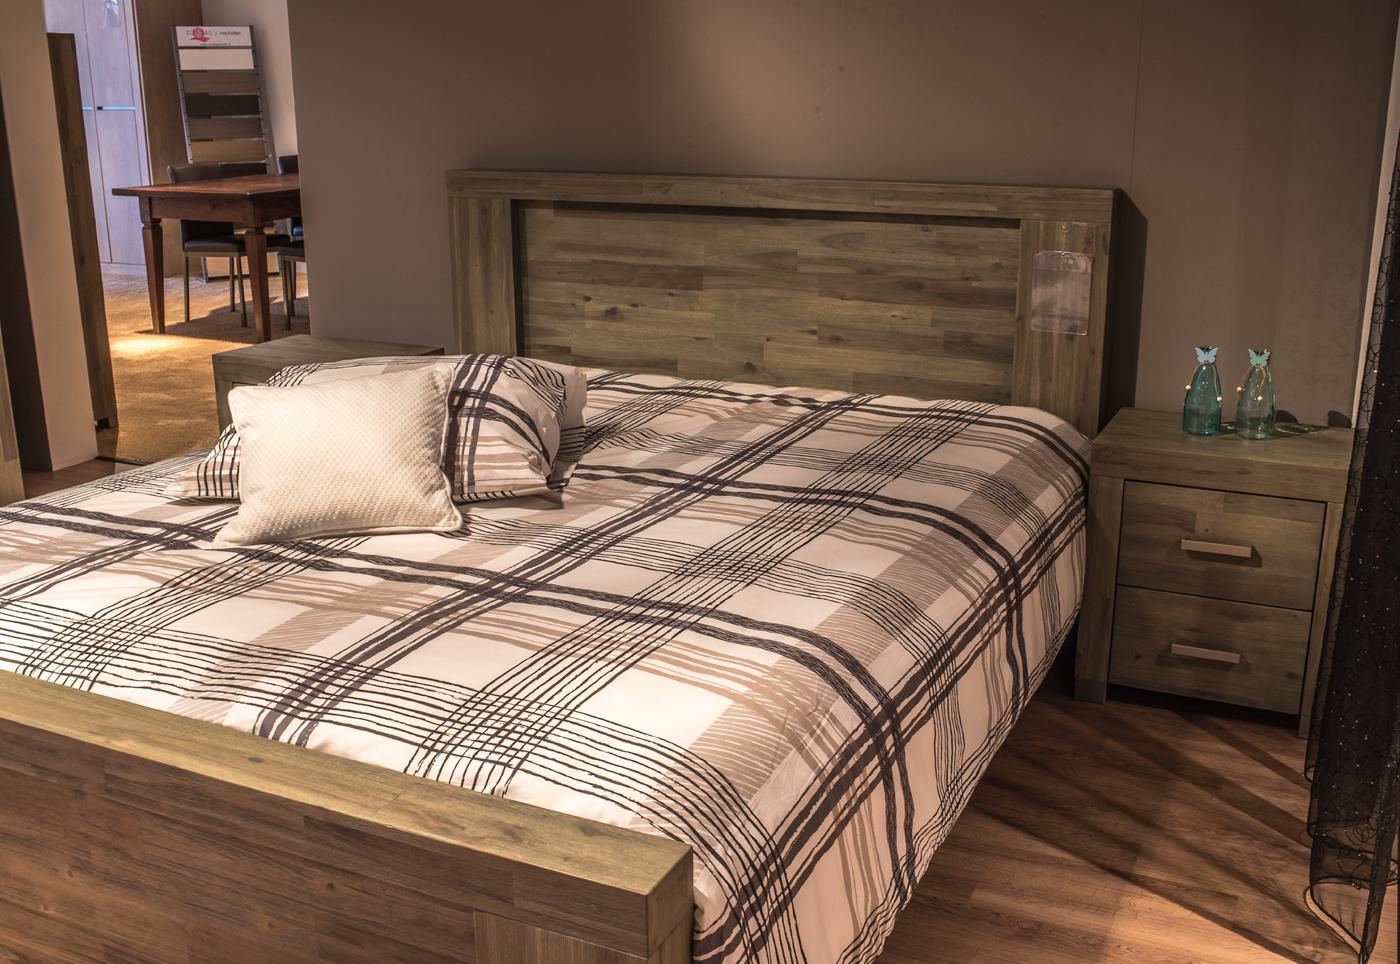 Complete slaapkamer met matras - Decoratie slaapkamer autos ...